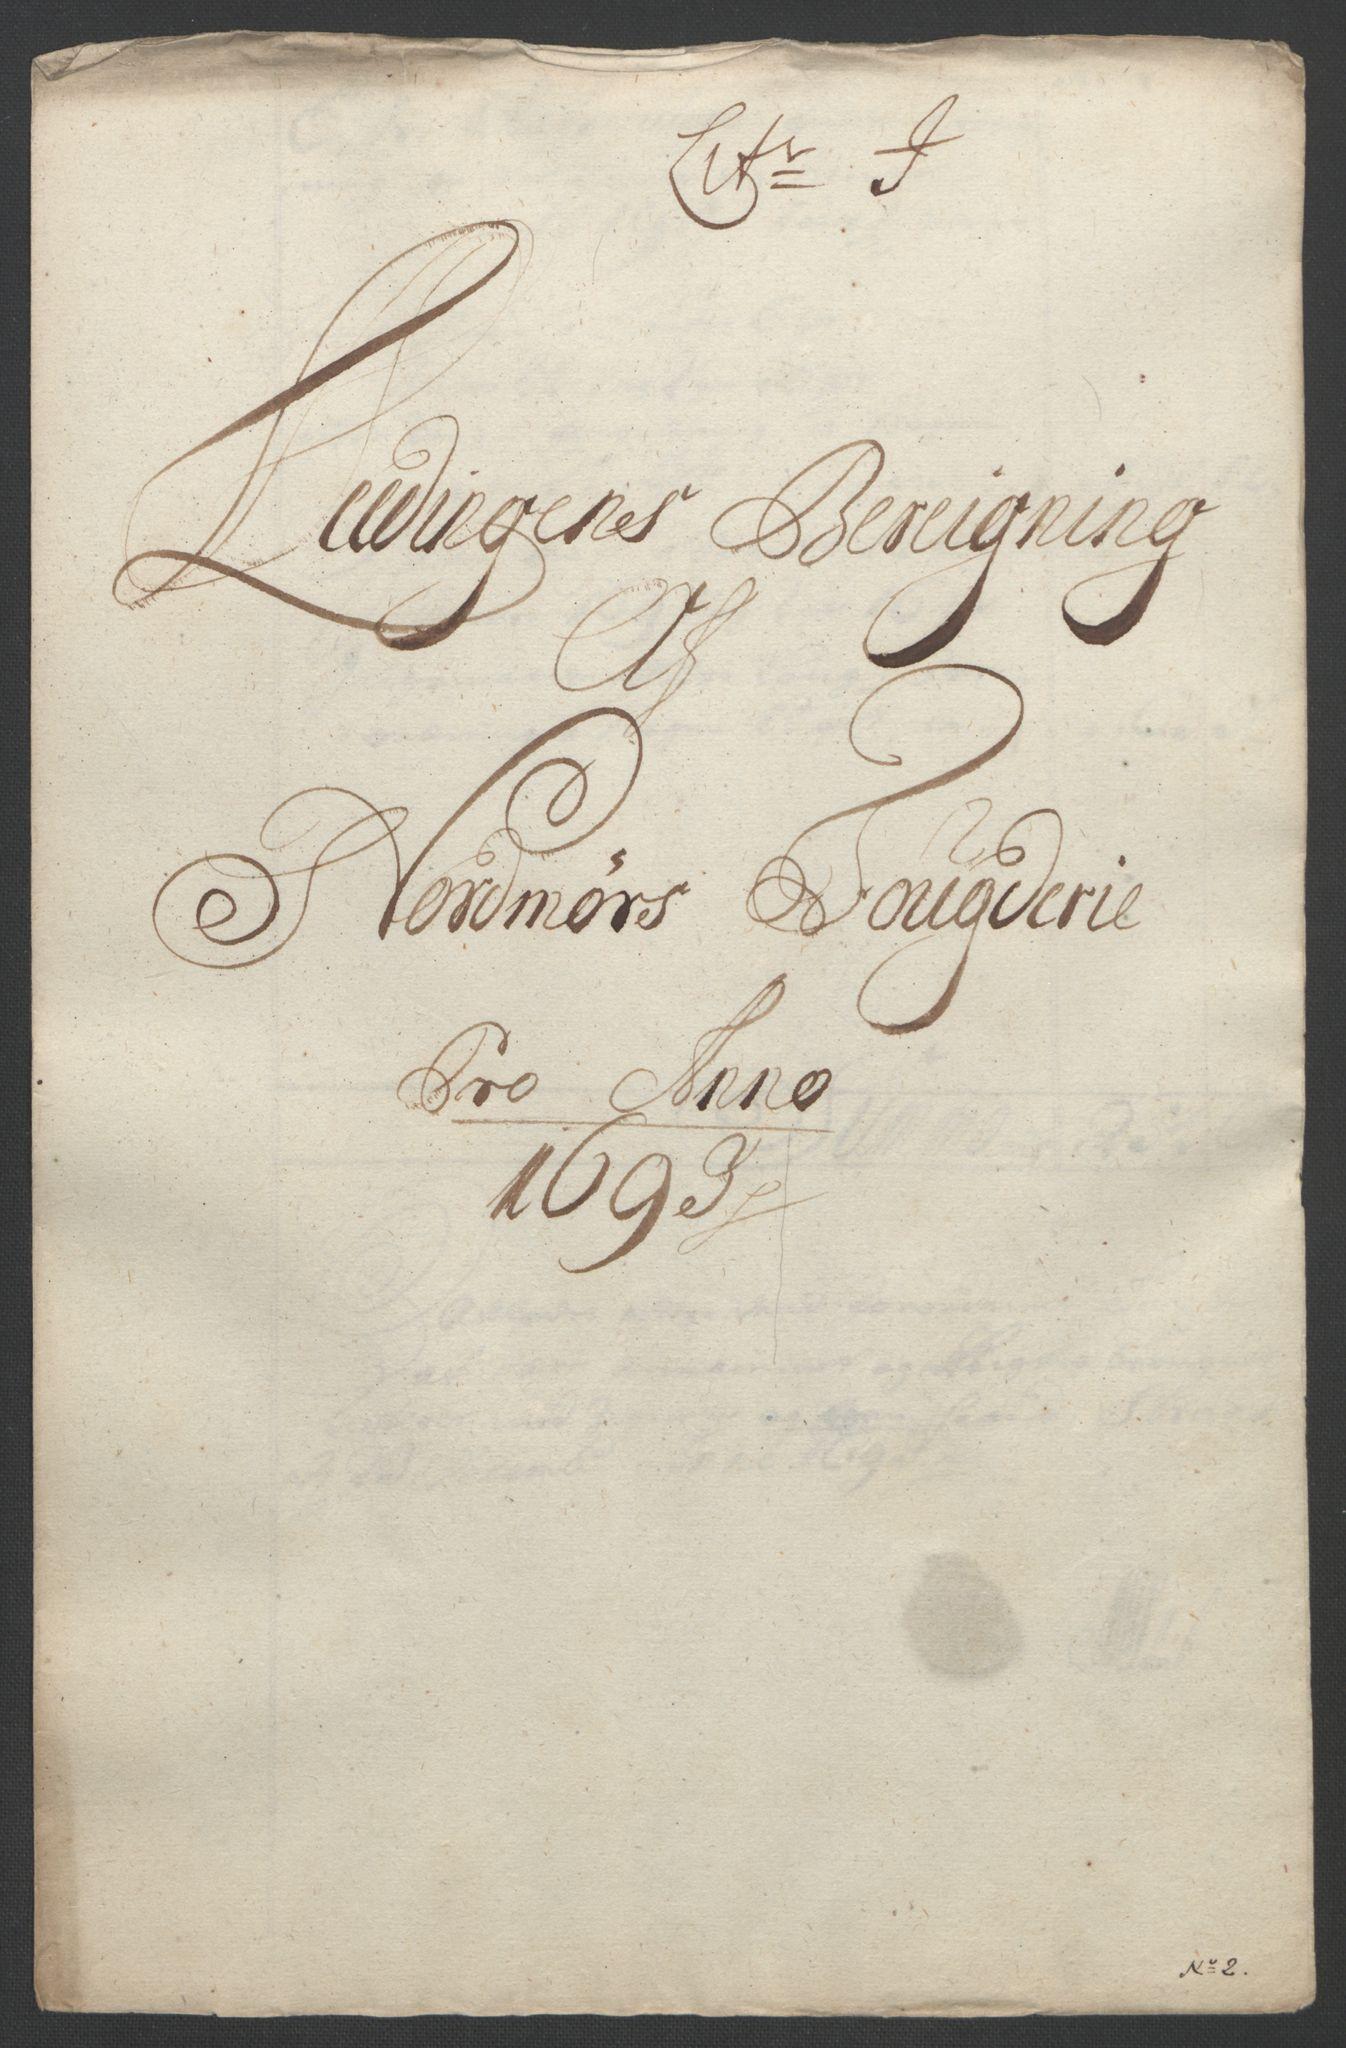 RA, Rentekammeret inntil 1814, Reviderte regnskaper, Fogderegnskap, R56/L3735: Fogderegnskap Nordmøre, 1692-1693, s. 369